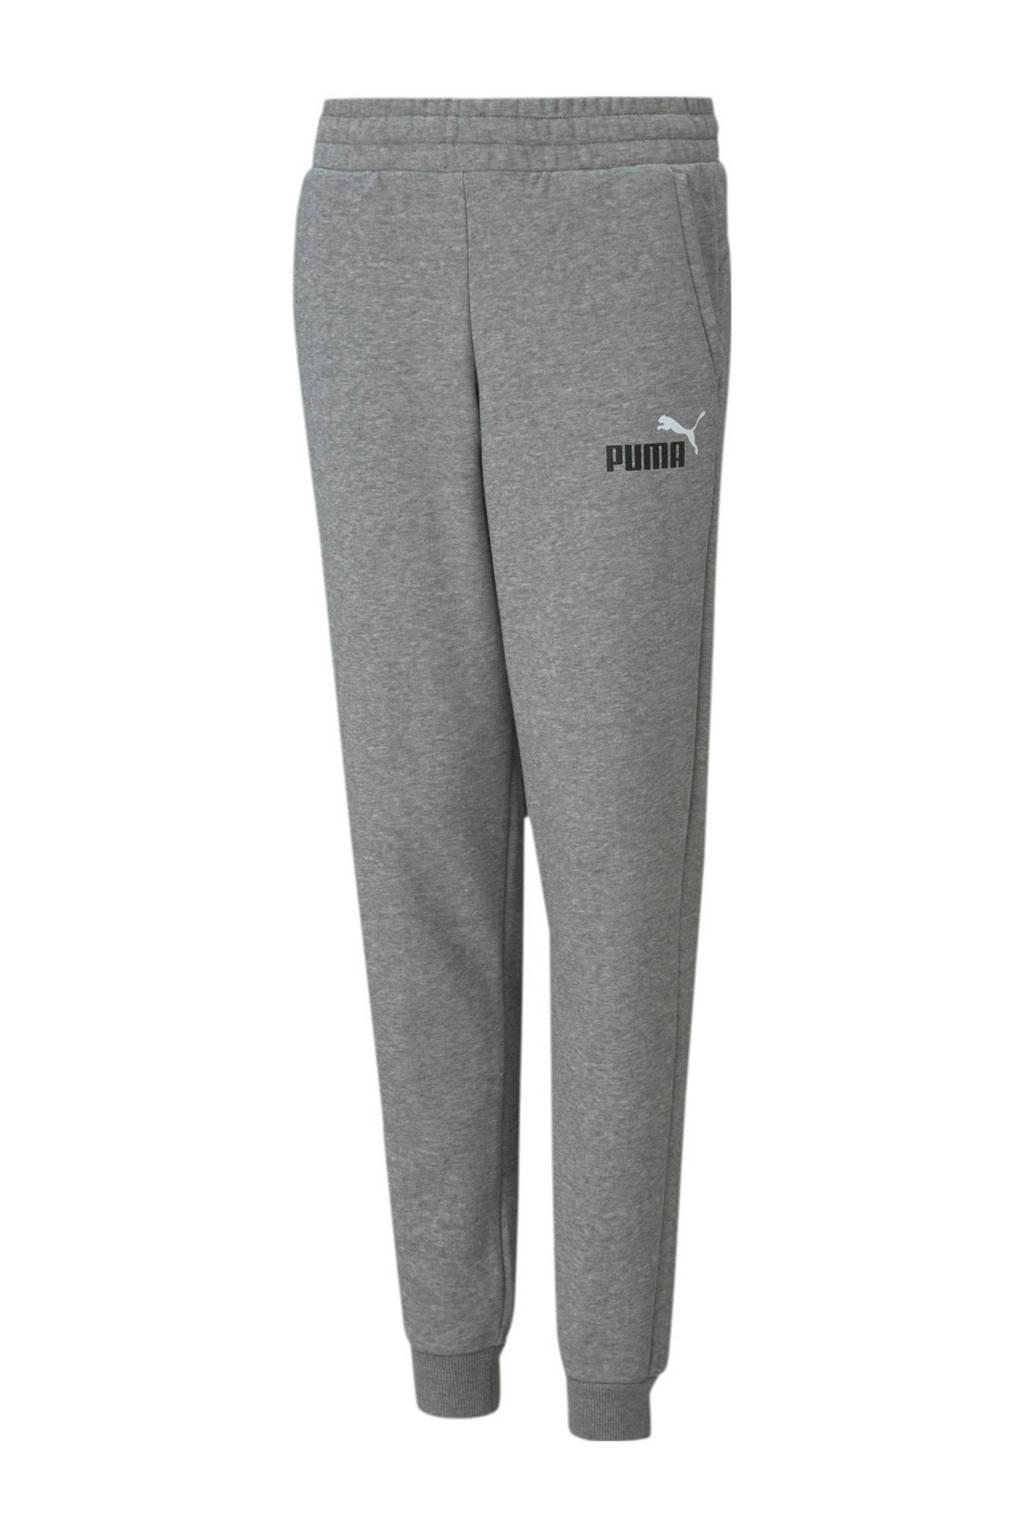 Puma joggingbroek grijs melange, Grijs melange